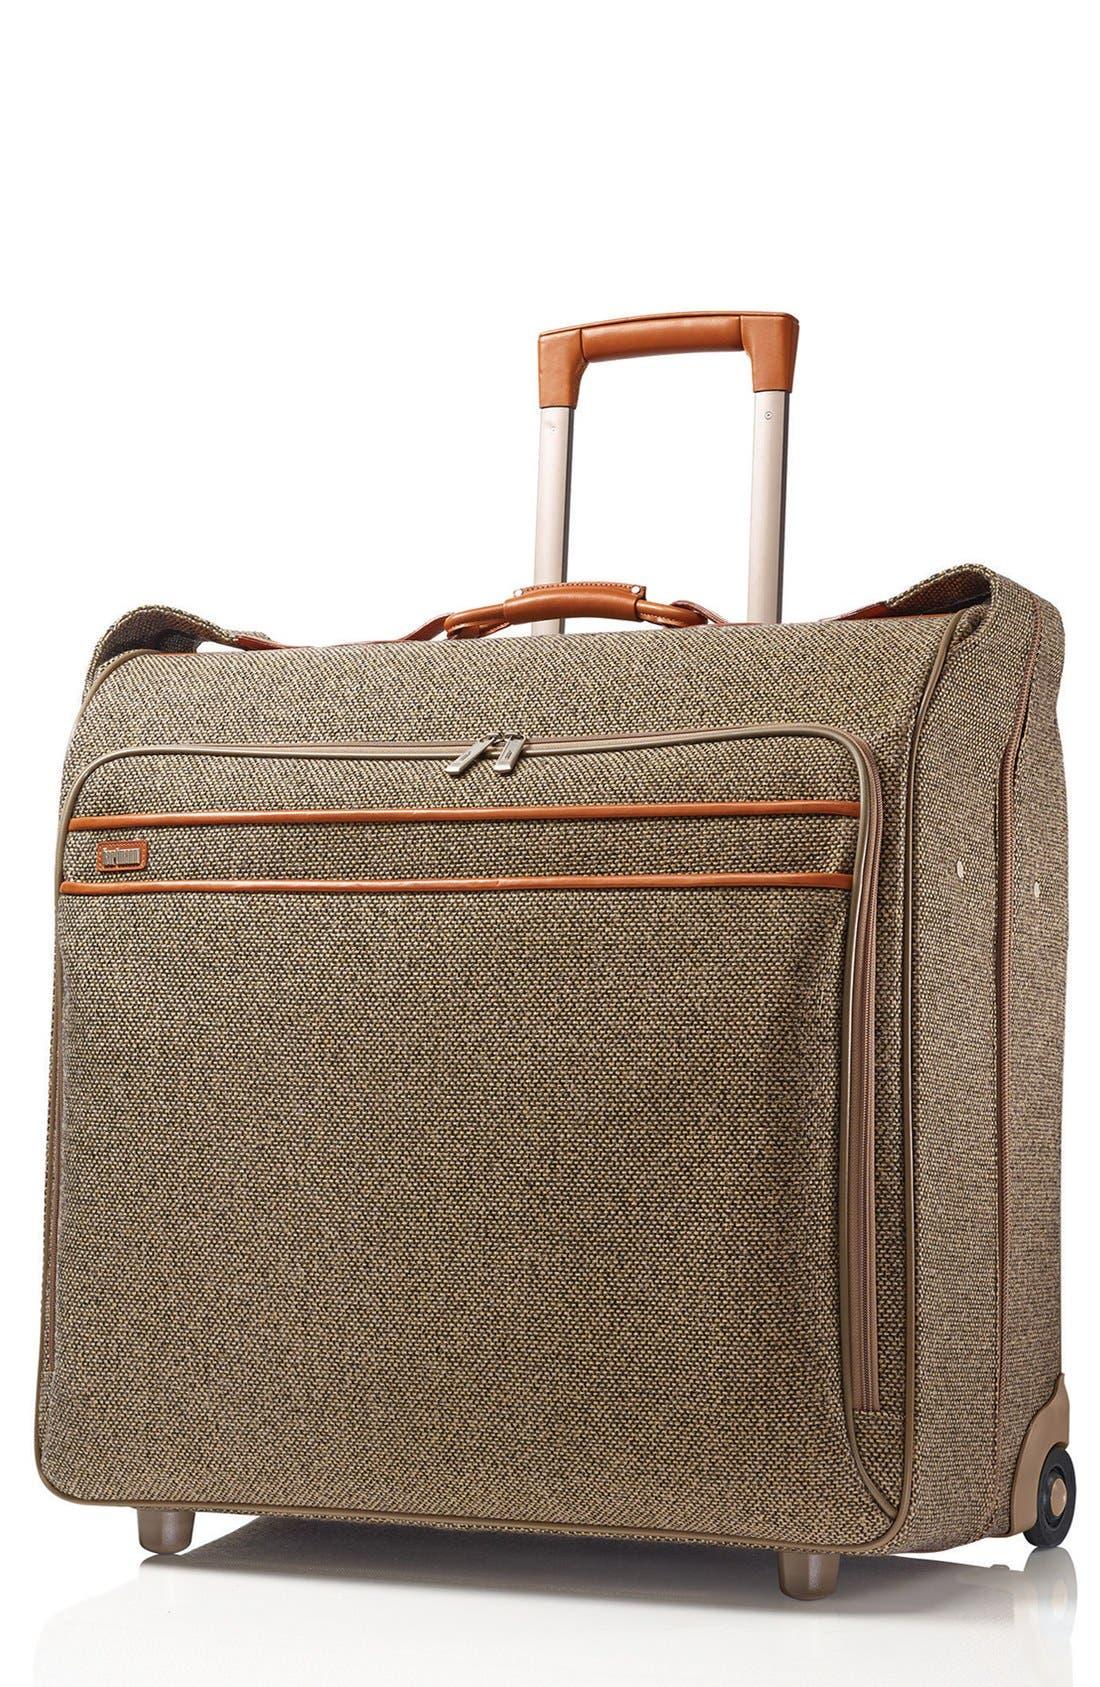 Main Image - Hartmann 'Tweed Belting' Wheeled Garment Bag